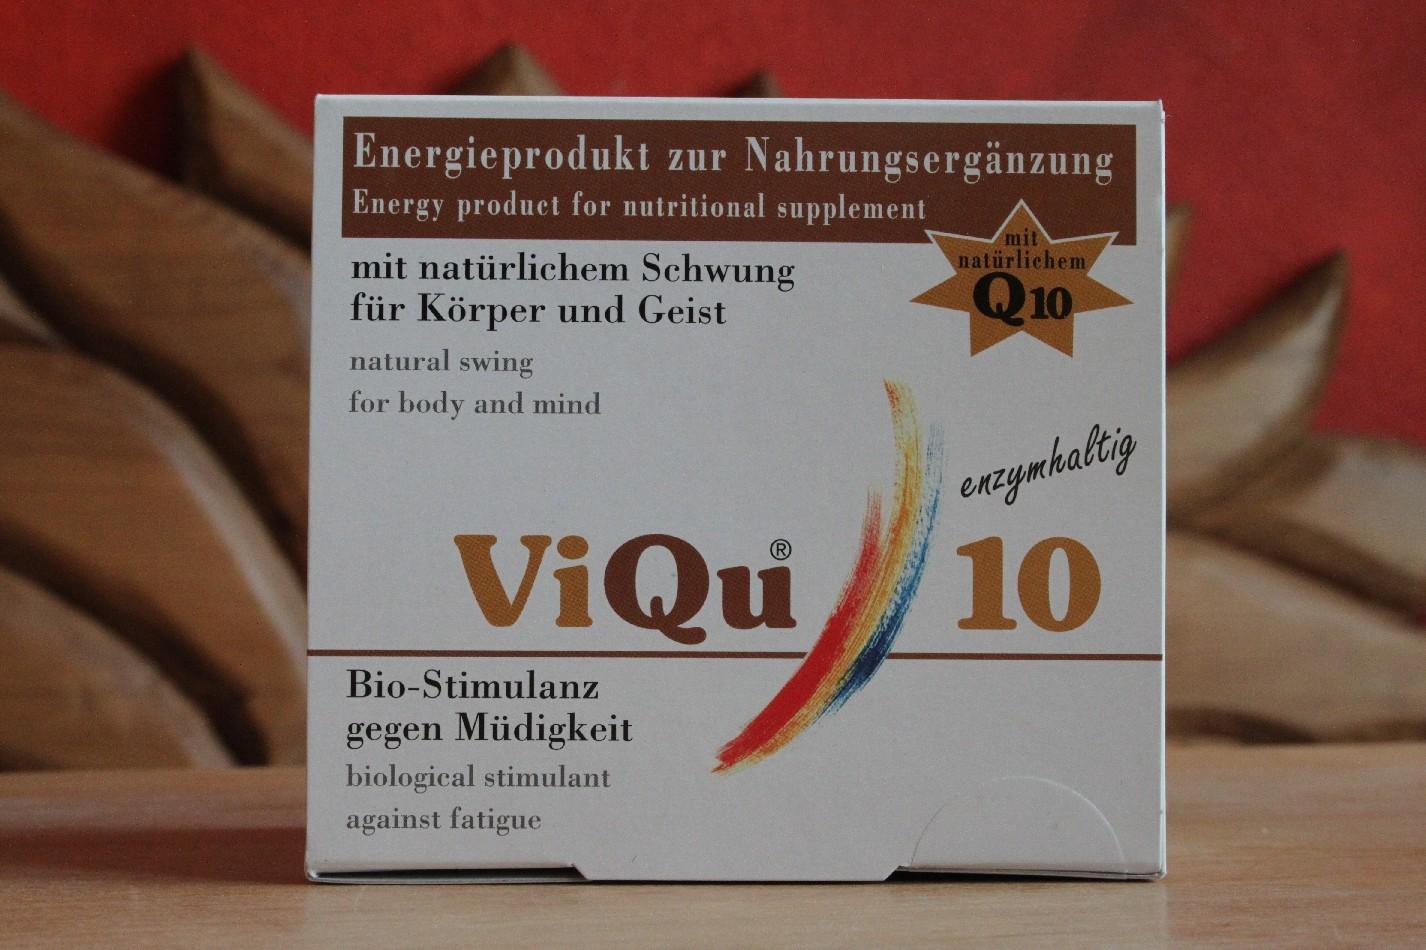 ViQu 10 Biostimulanz für mehr Energie an müden Tagen